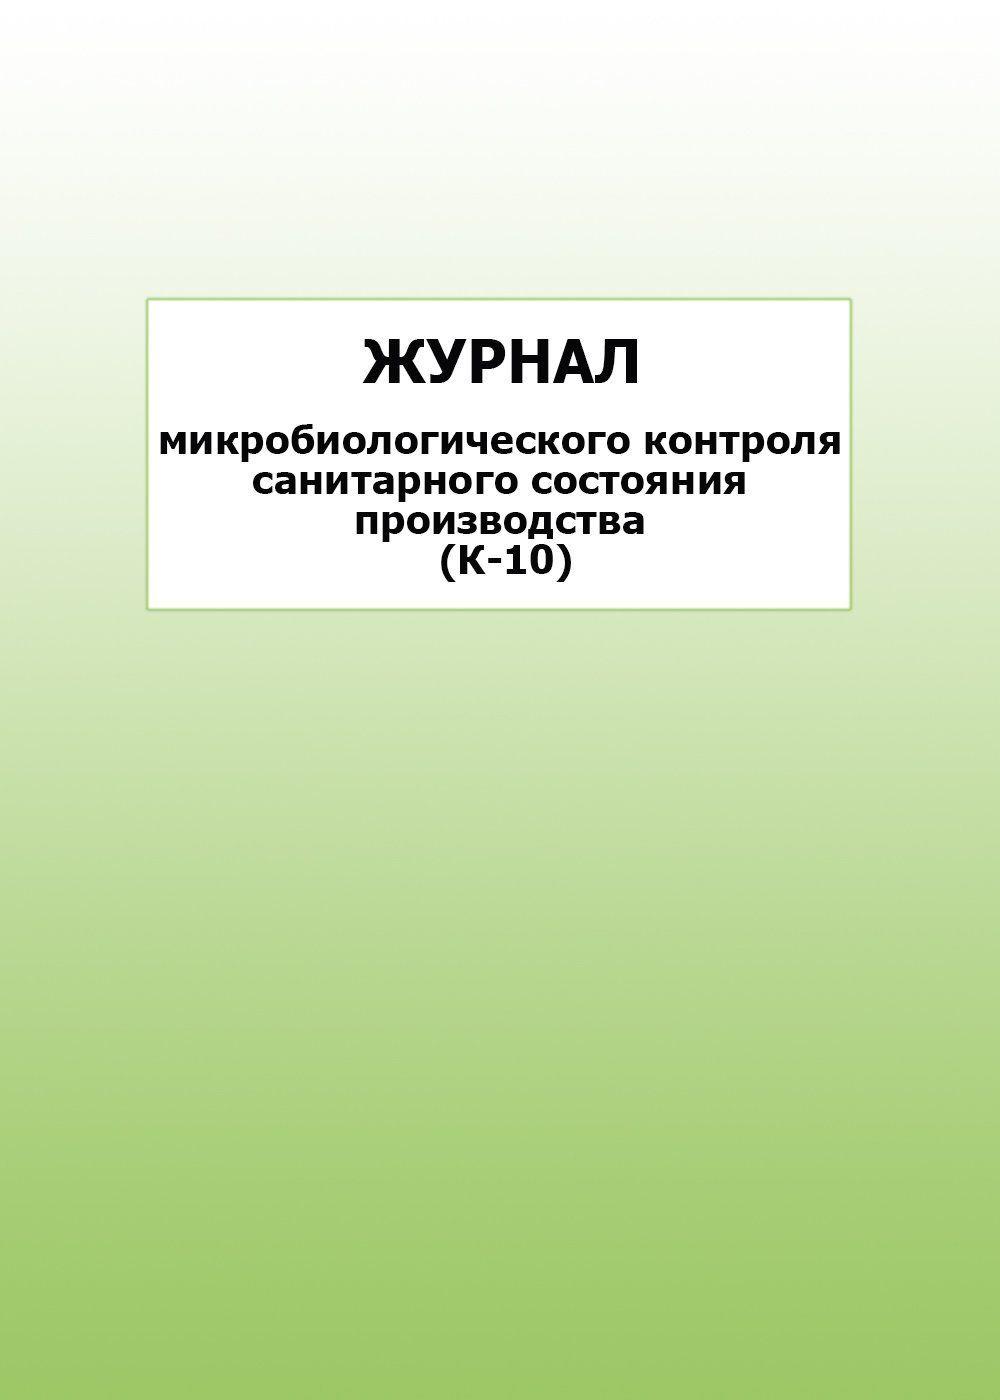 Журнал микробиологического контроля санитарного состояния производства (К-10): упаковка 100 шт.